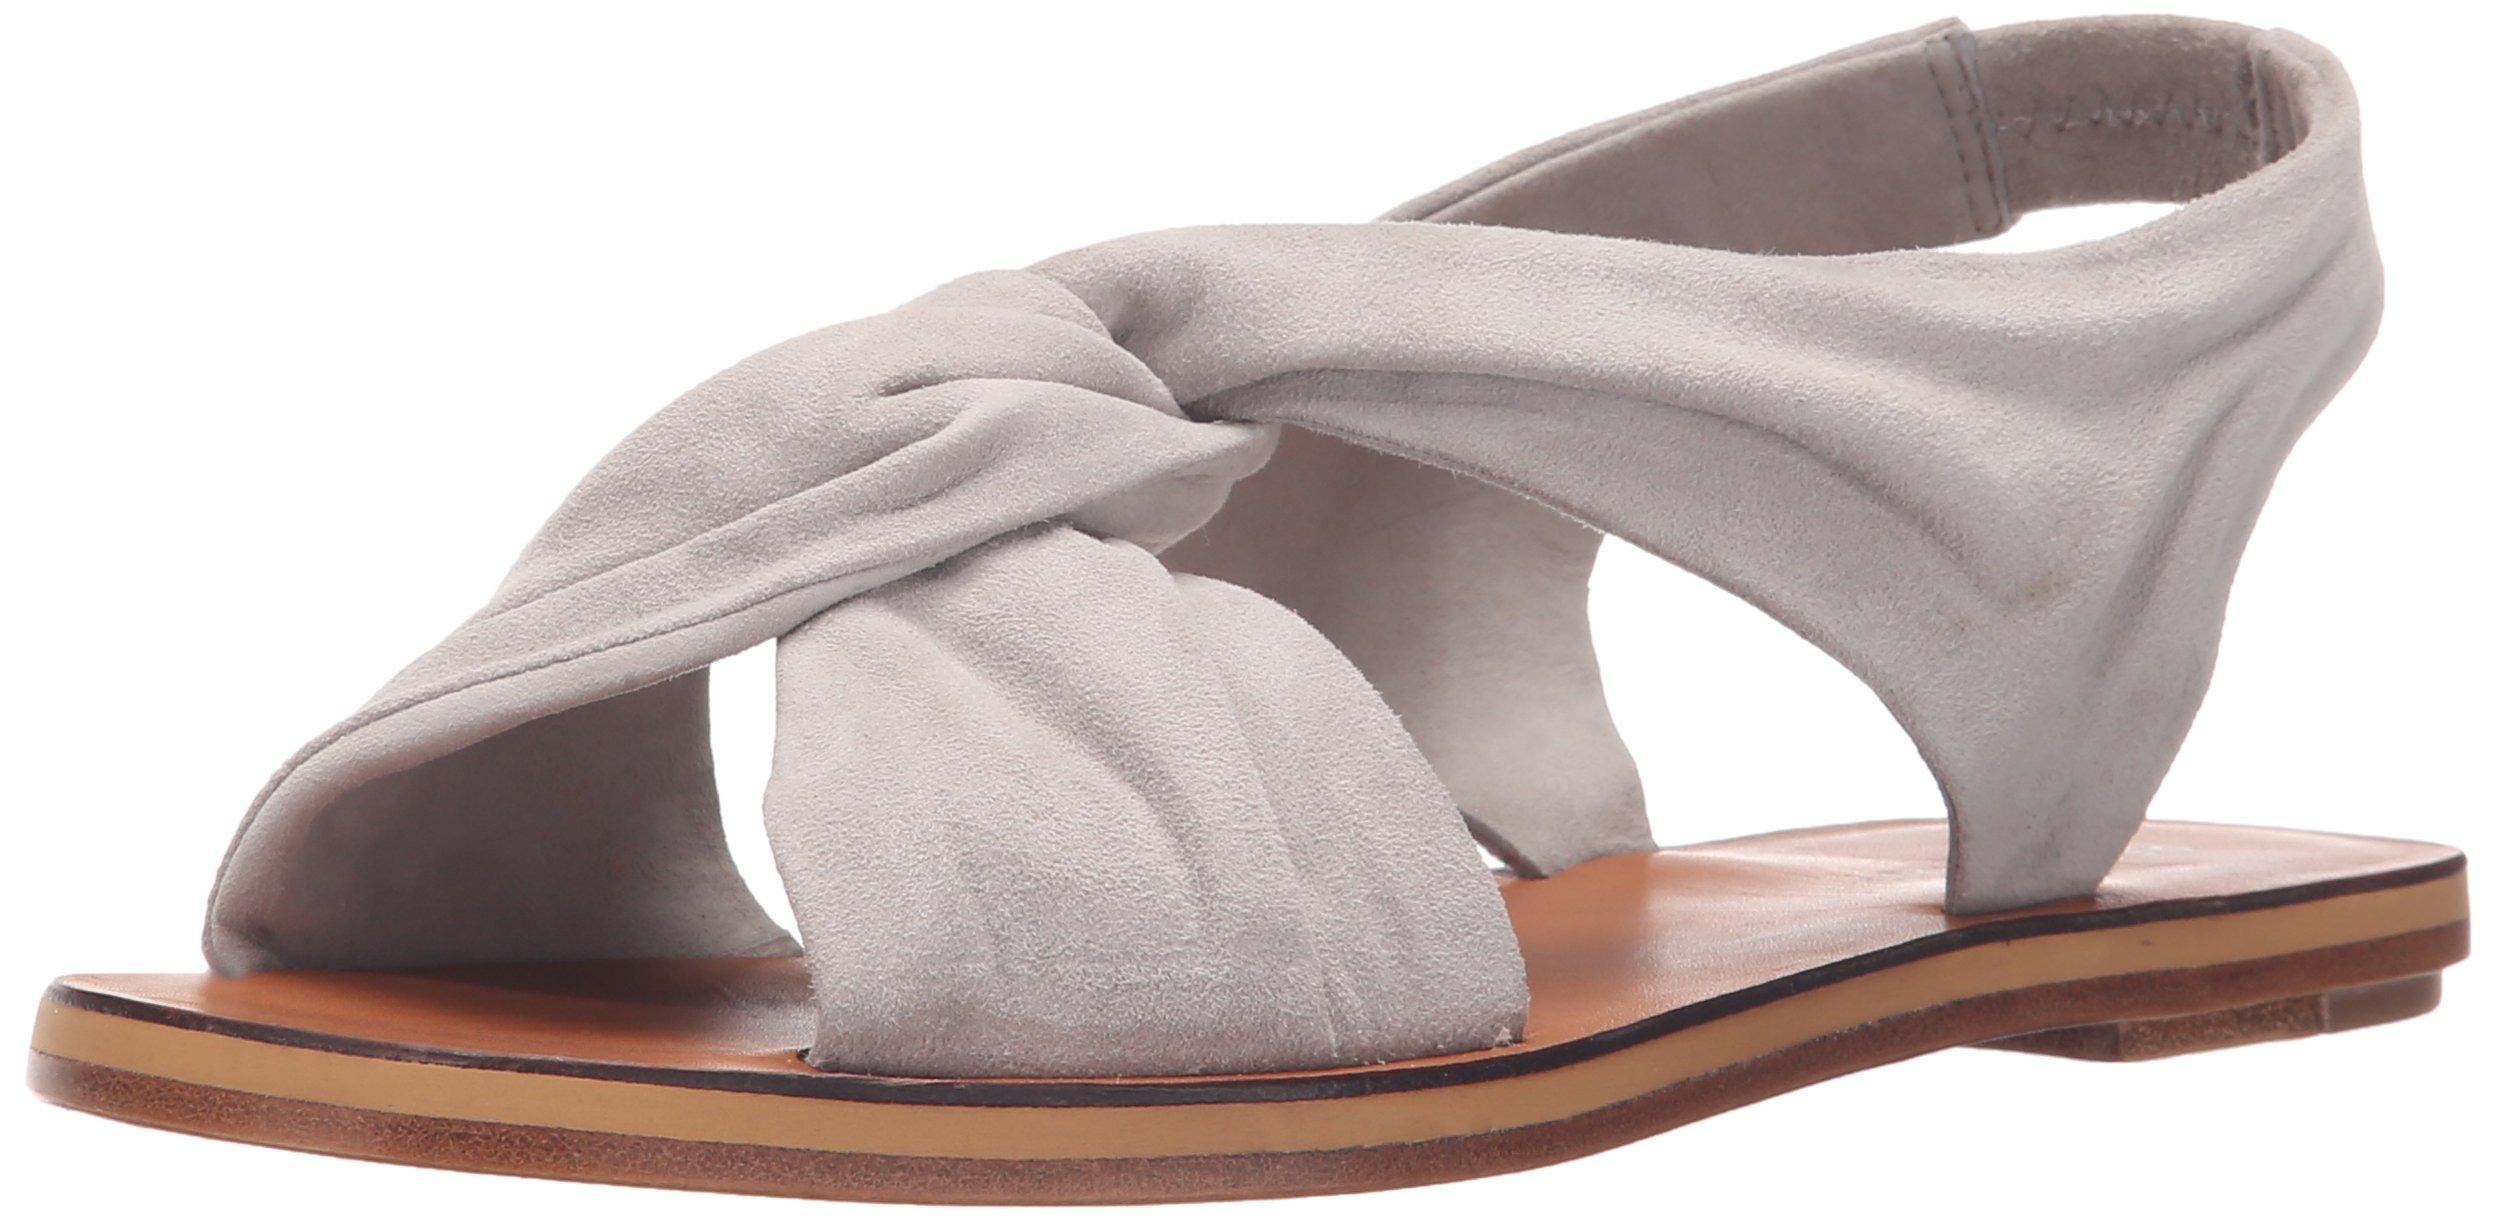 10 Crosby Women's Pell dress Sandal, Grey Fine Suede, 8 M US